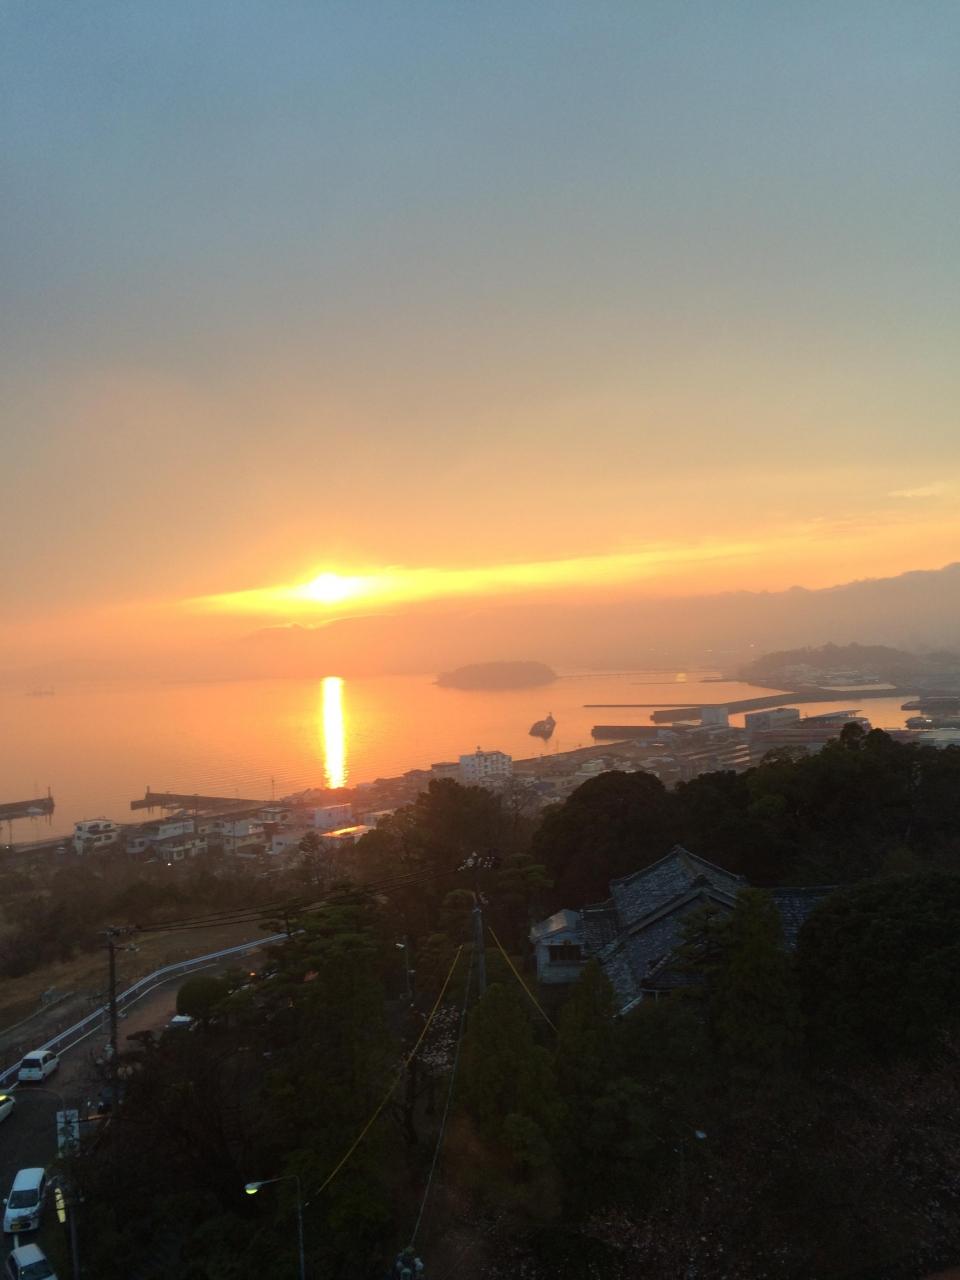 『蒲郡と浜松のんびり旅』三谷温泉(愛知県)の旅行記・ブログ by ...